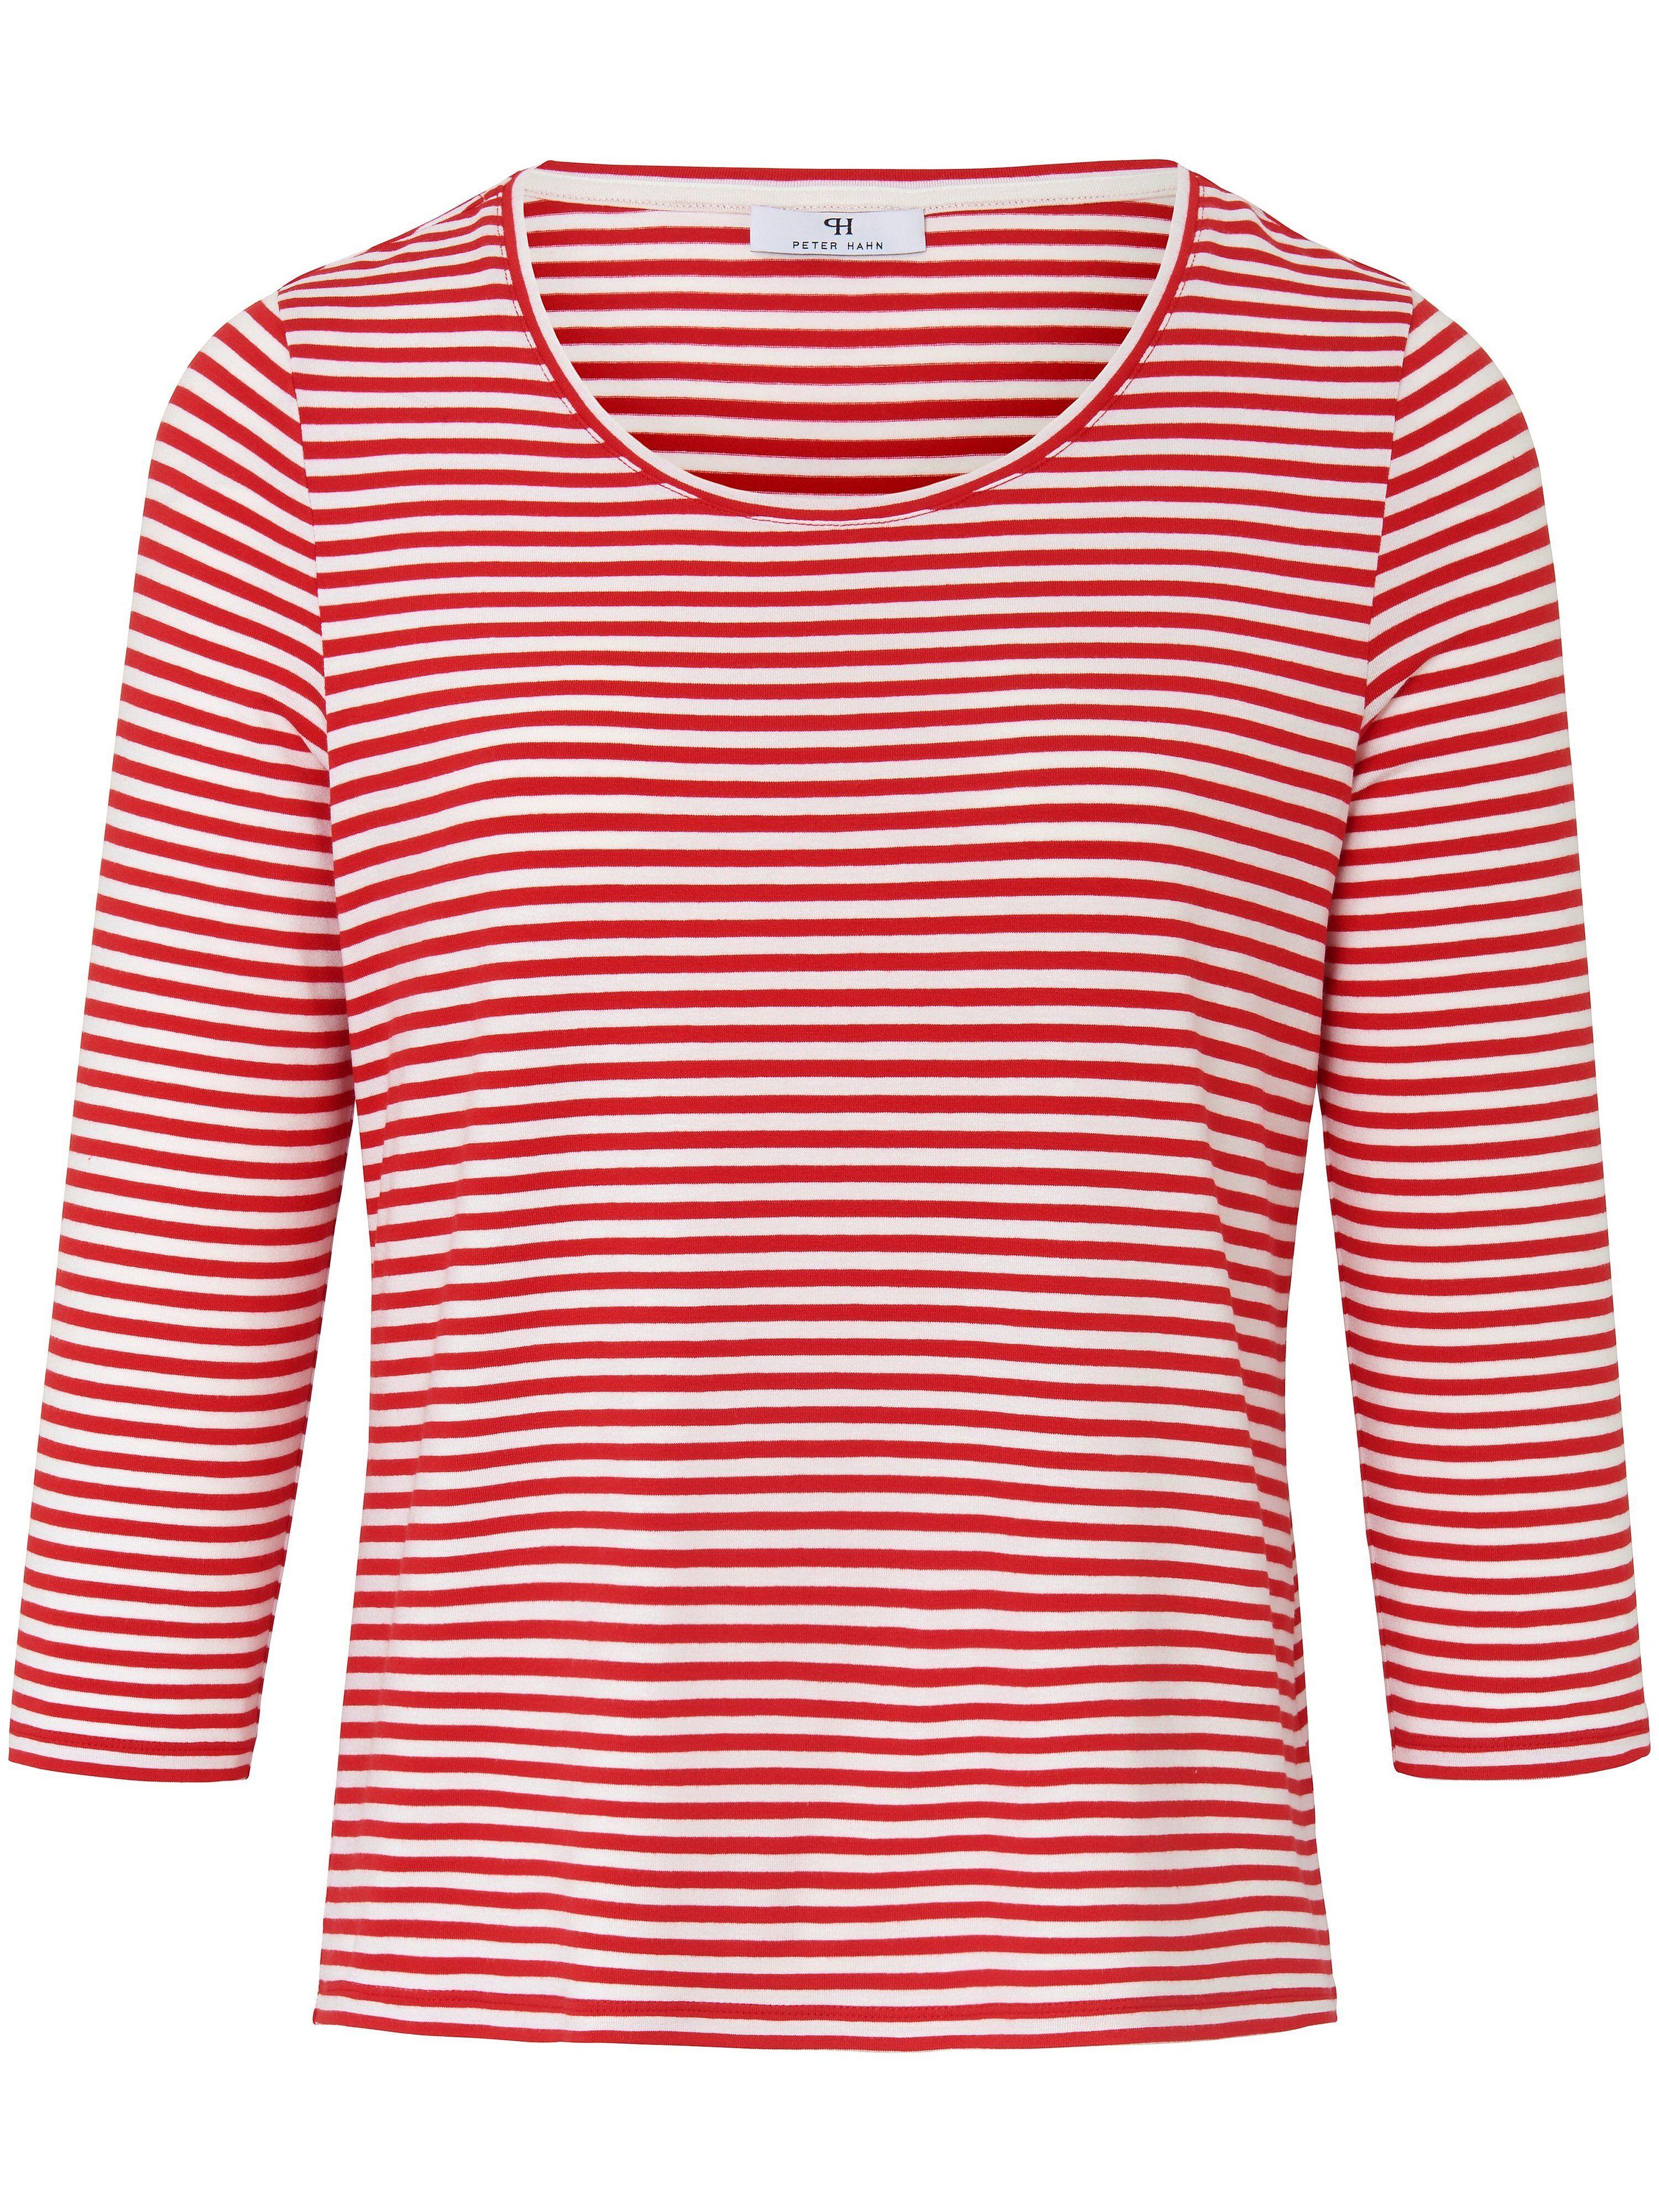 Peter Hahn Le T-shirt à manches 3/4 avec encolure dégagée  Peter Hahn rouge  - Femme - 38